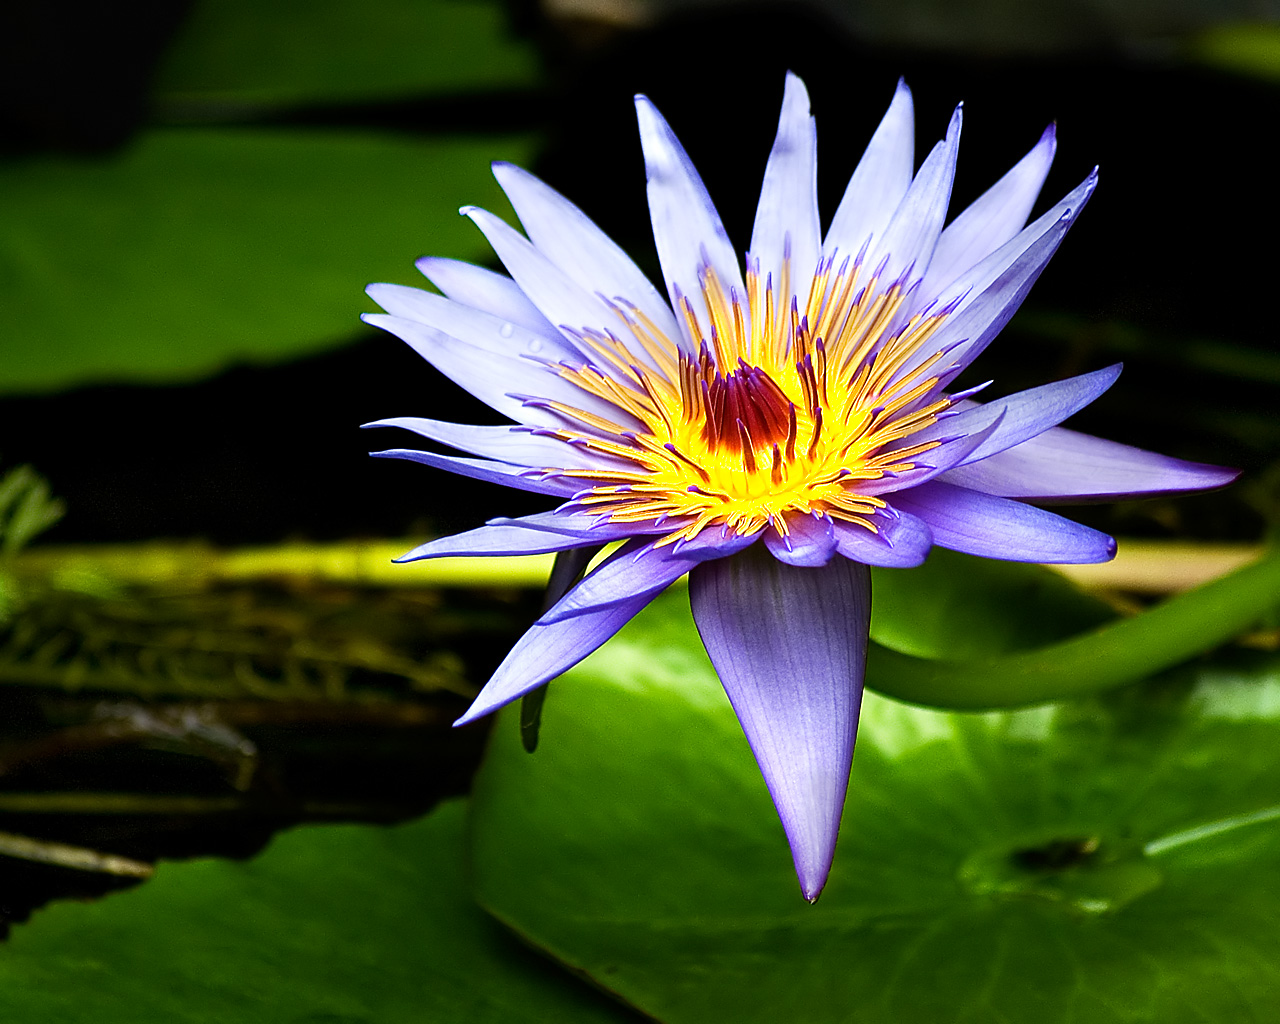 மீனு தரும் இயற்கை அழகு அன்பு மலர்கள்........ Lily+flower+wallpaper4